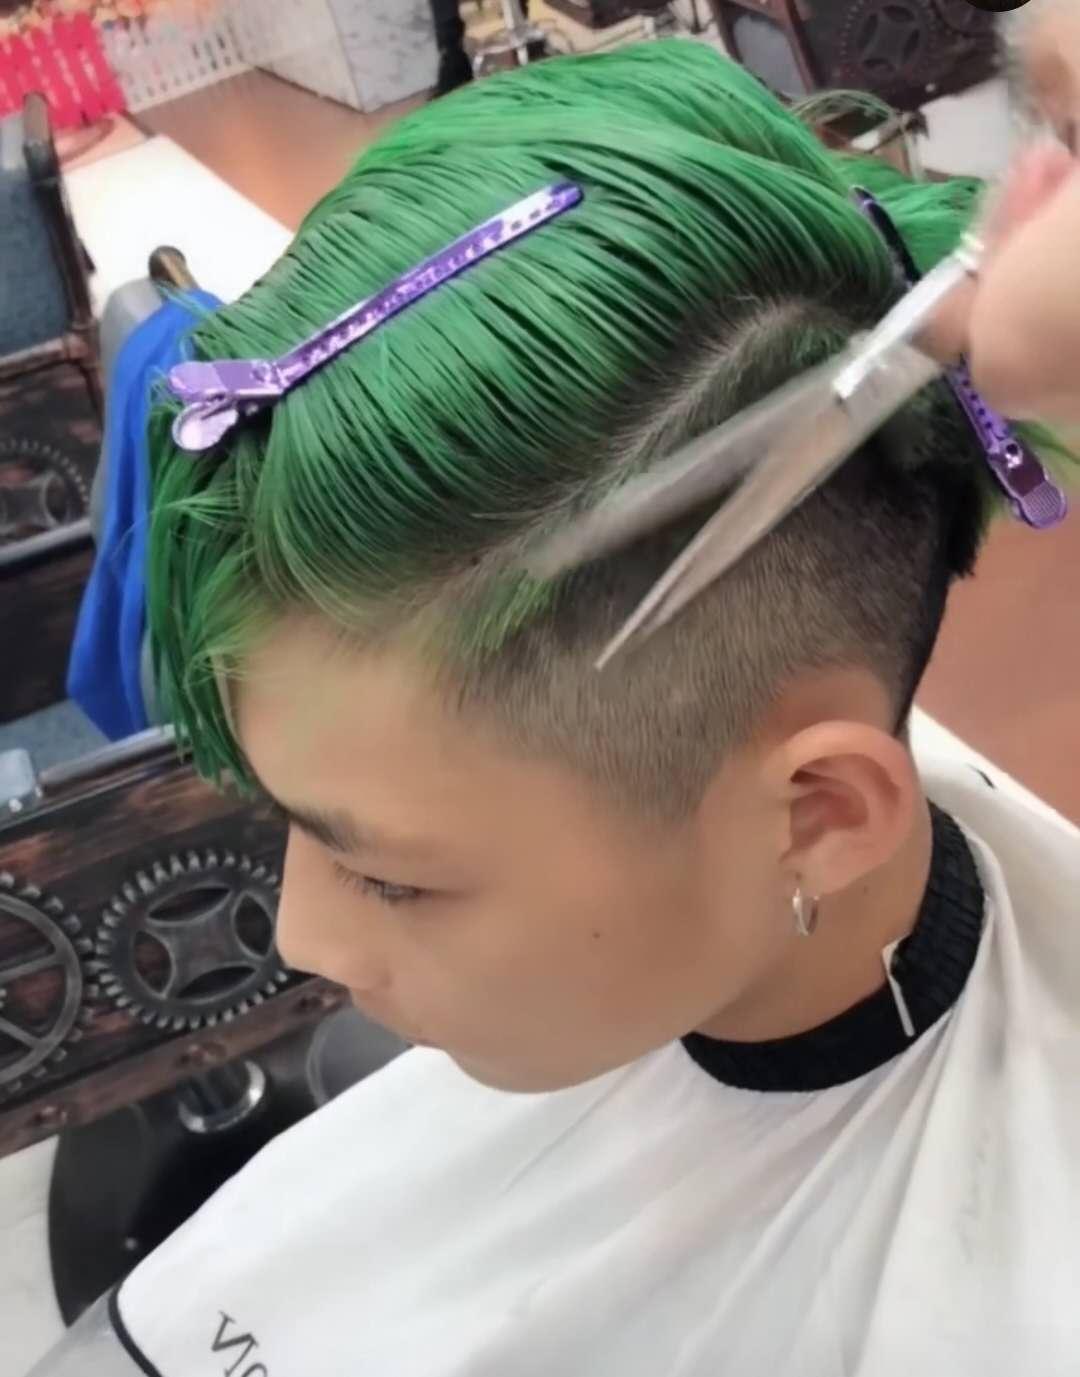 00后小帅哥换发型,理发师用碗给他理发,变身绿毛怪更加社会了